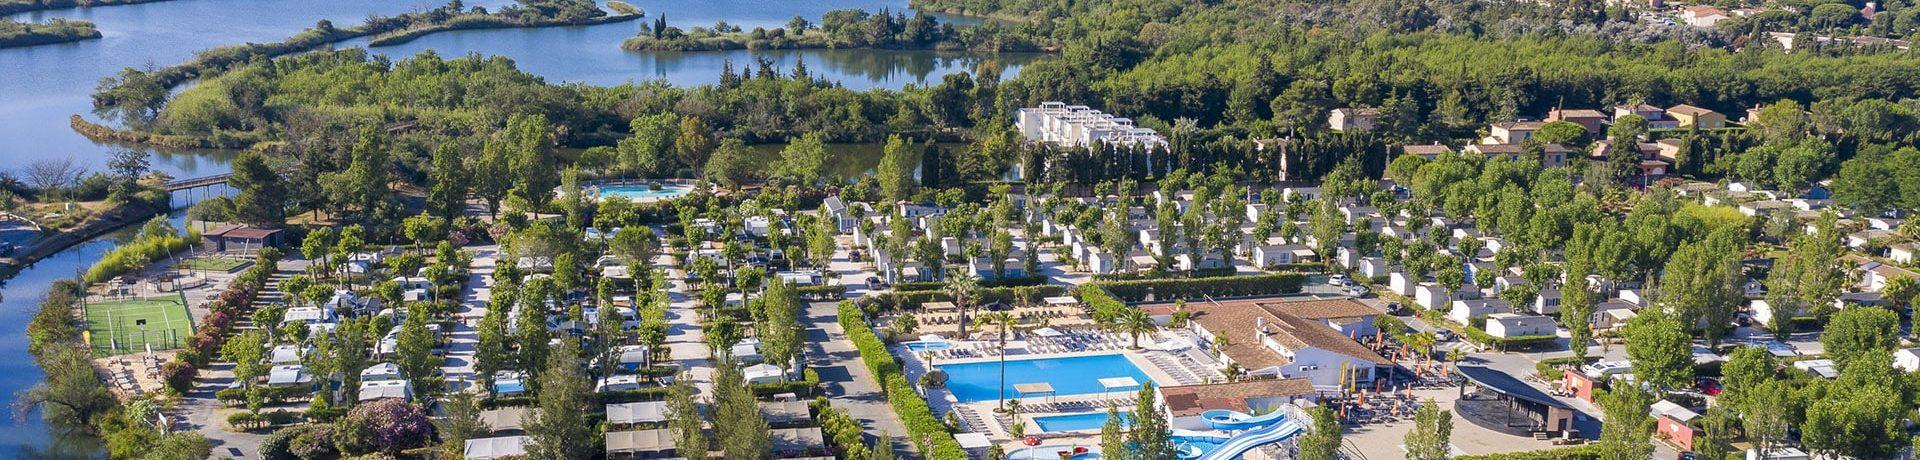 Camping Sandaya Riviera d'Azur ligt naast Fréjus in de Var, op slechts 4 km van het strand in de Provence-Alpes-Côte d'Azur.